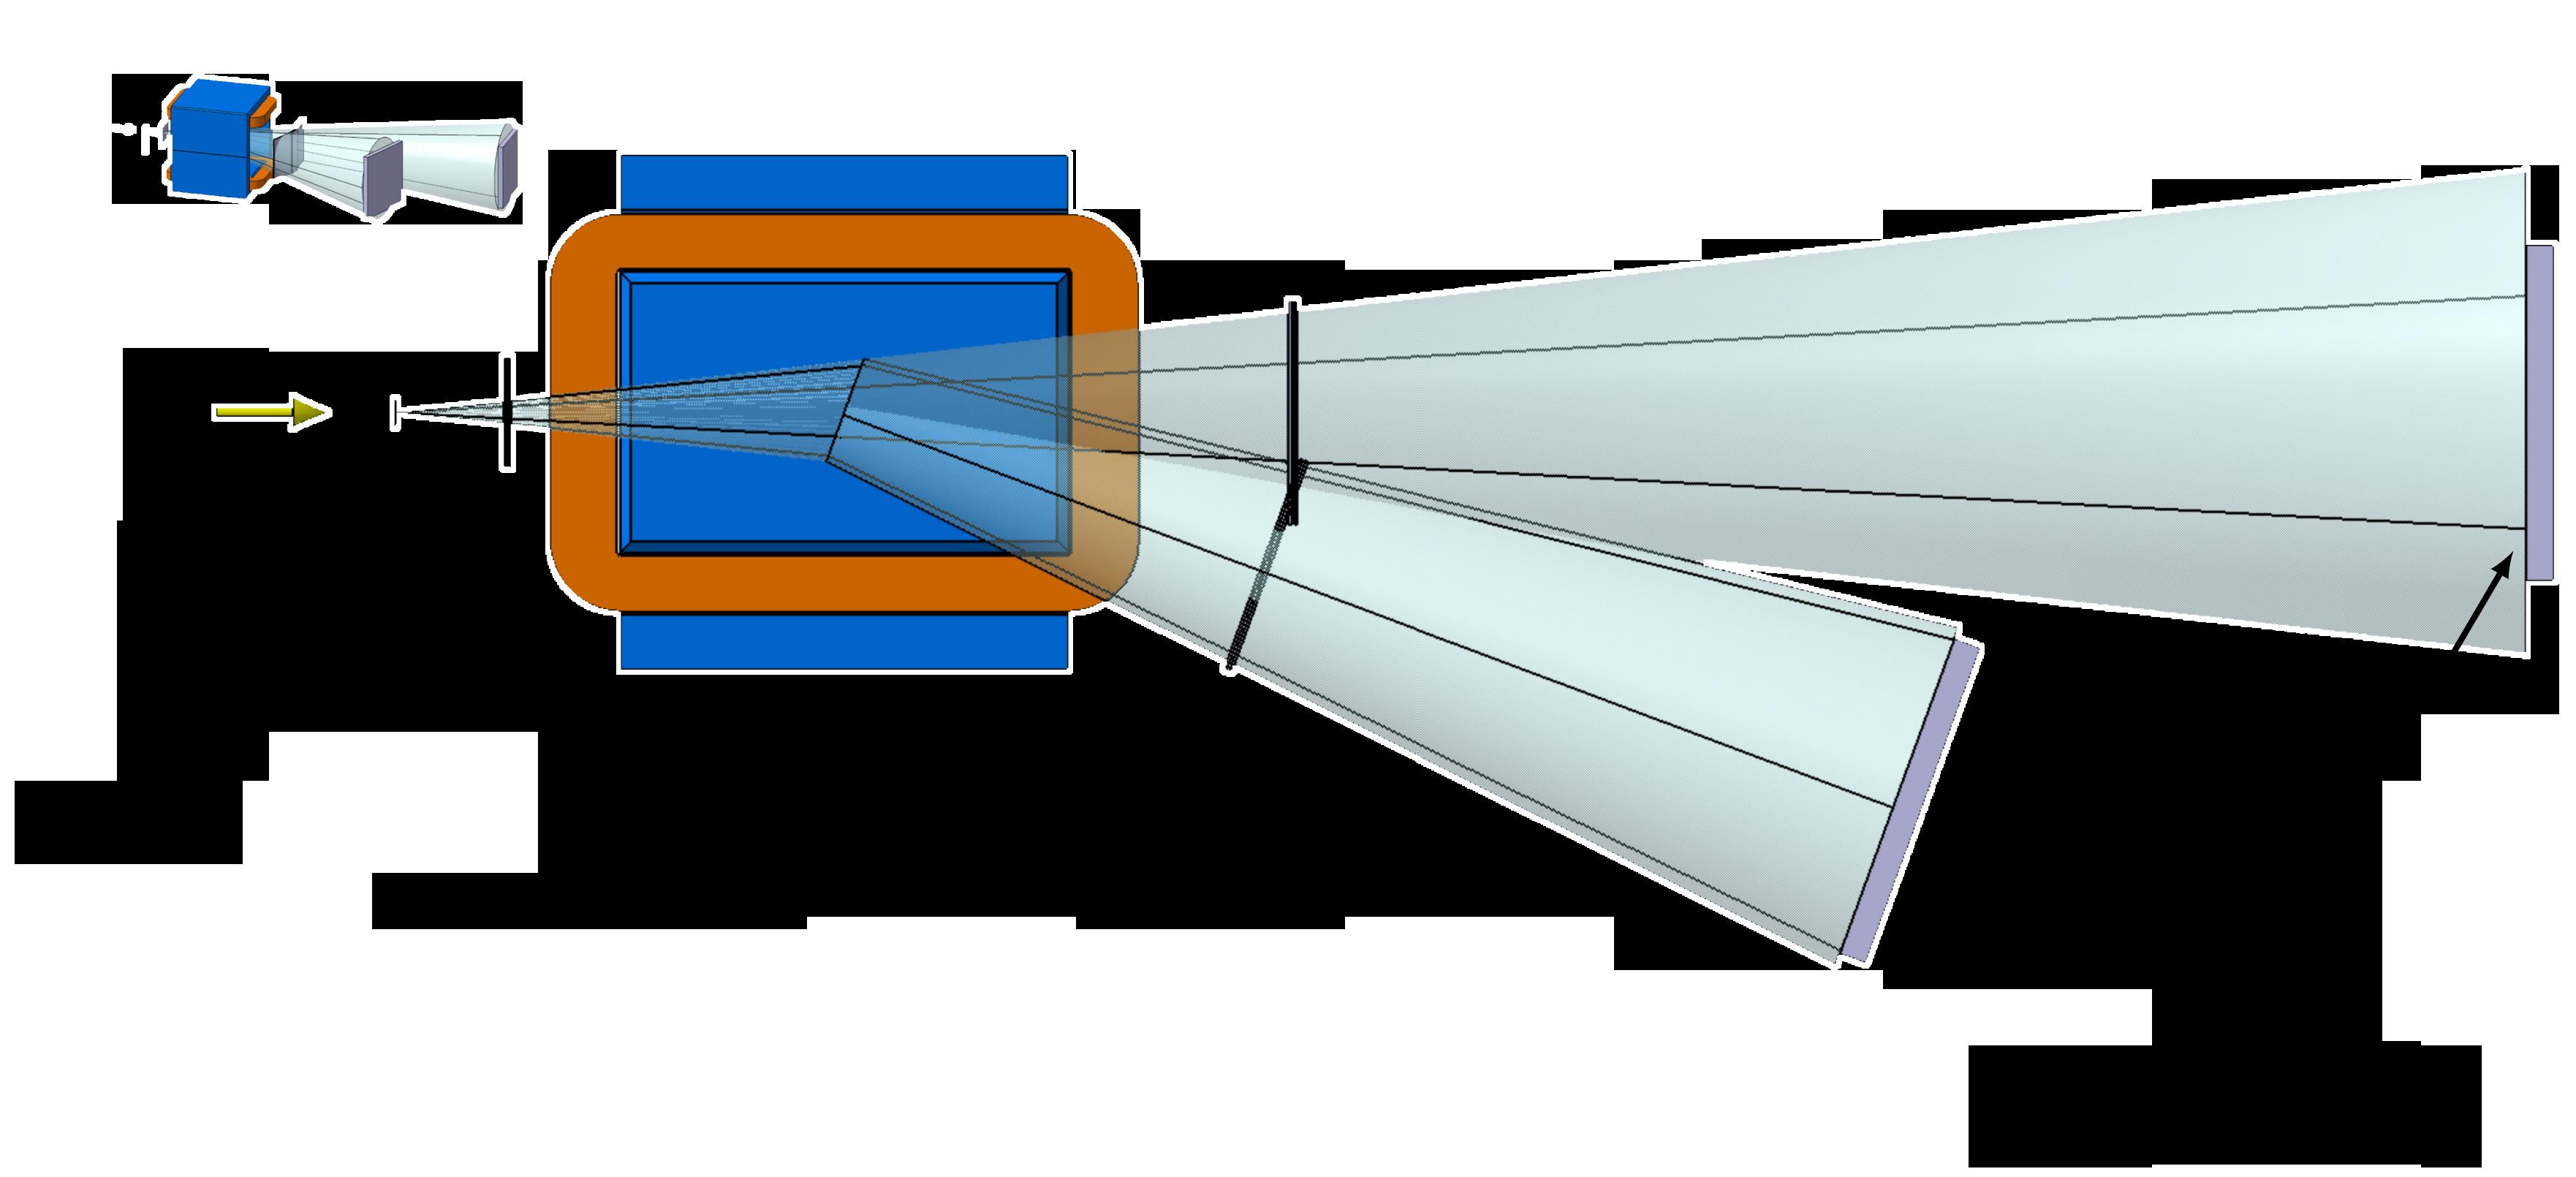 Schéma du spectromètre de masse FRACAS permettant la mesure des sections efficaces de fragmentation des particules du faisceau.